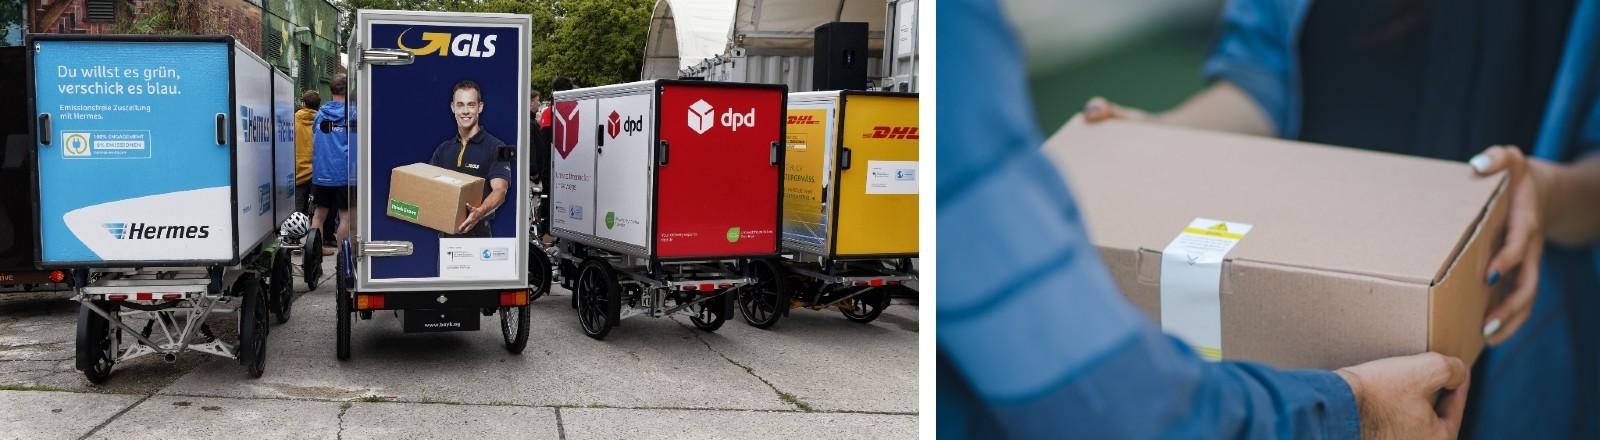 Die Lastenräder verschiedener Paketdienste stehen nebeneinander.